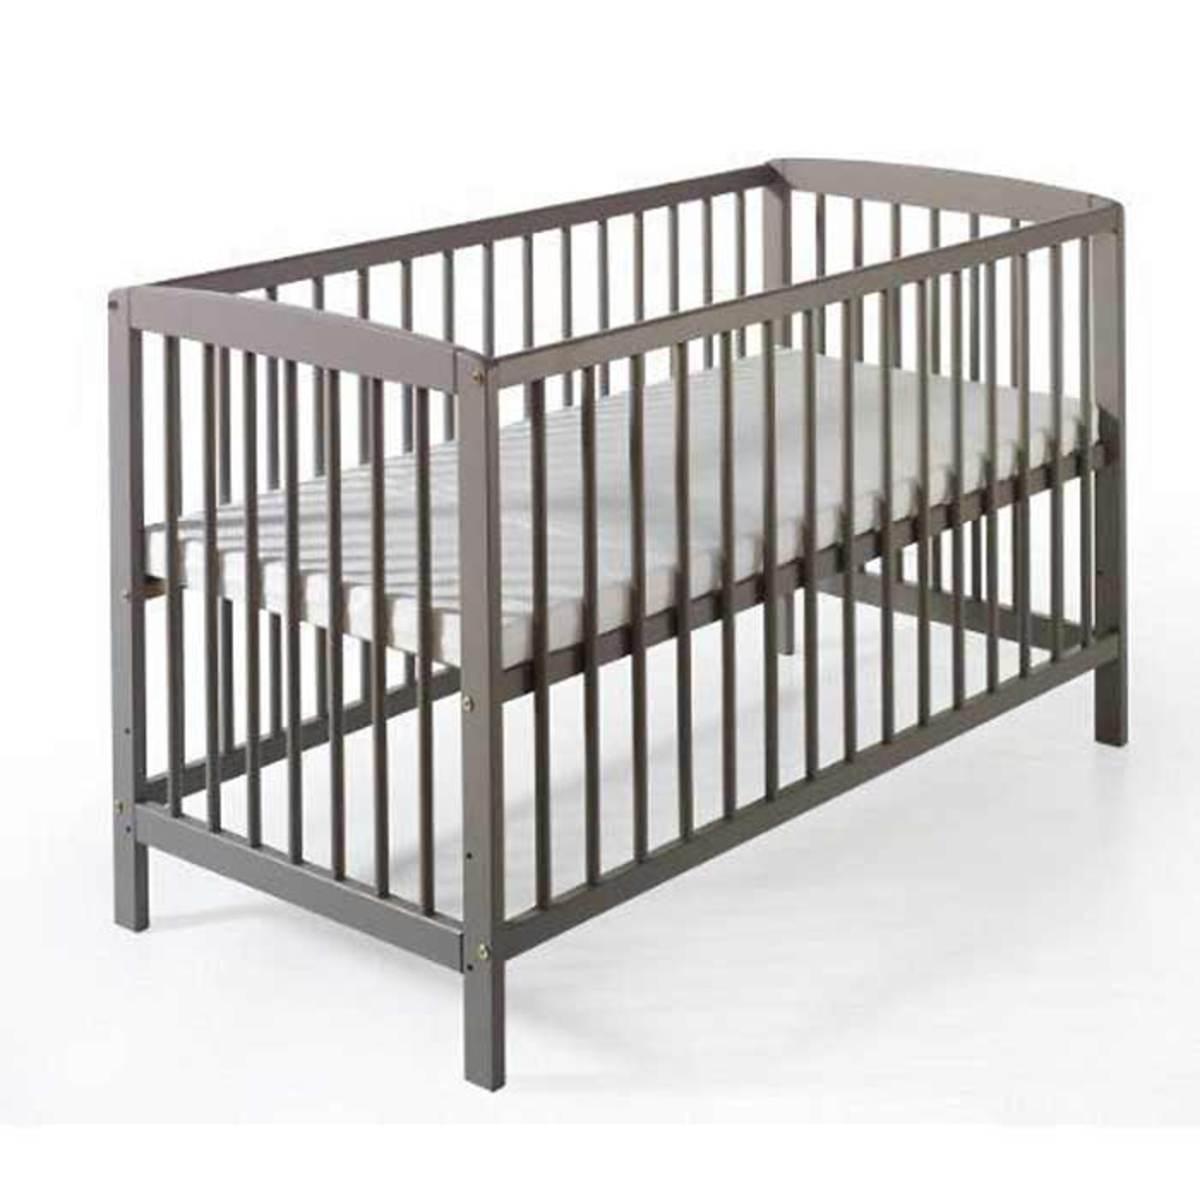 Lit b b felix 60 x120 en pin gris nordique 030141953 - Lit enfant ajustable ...